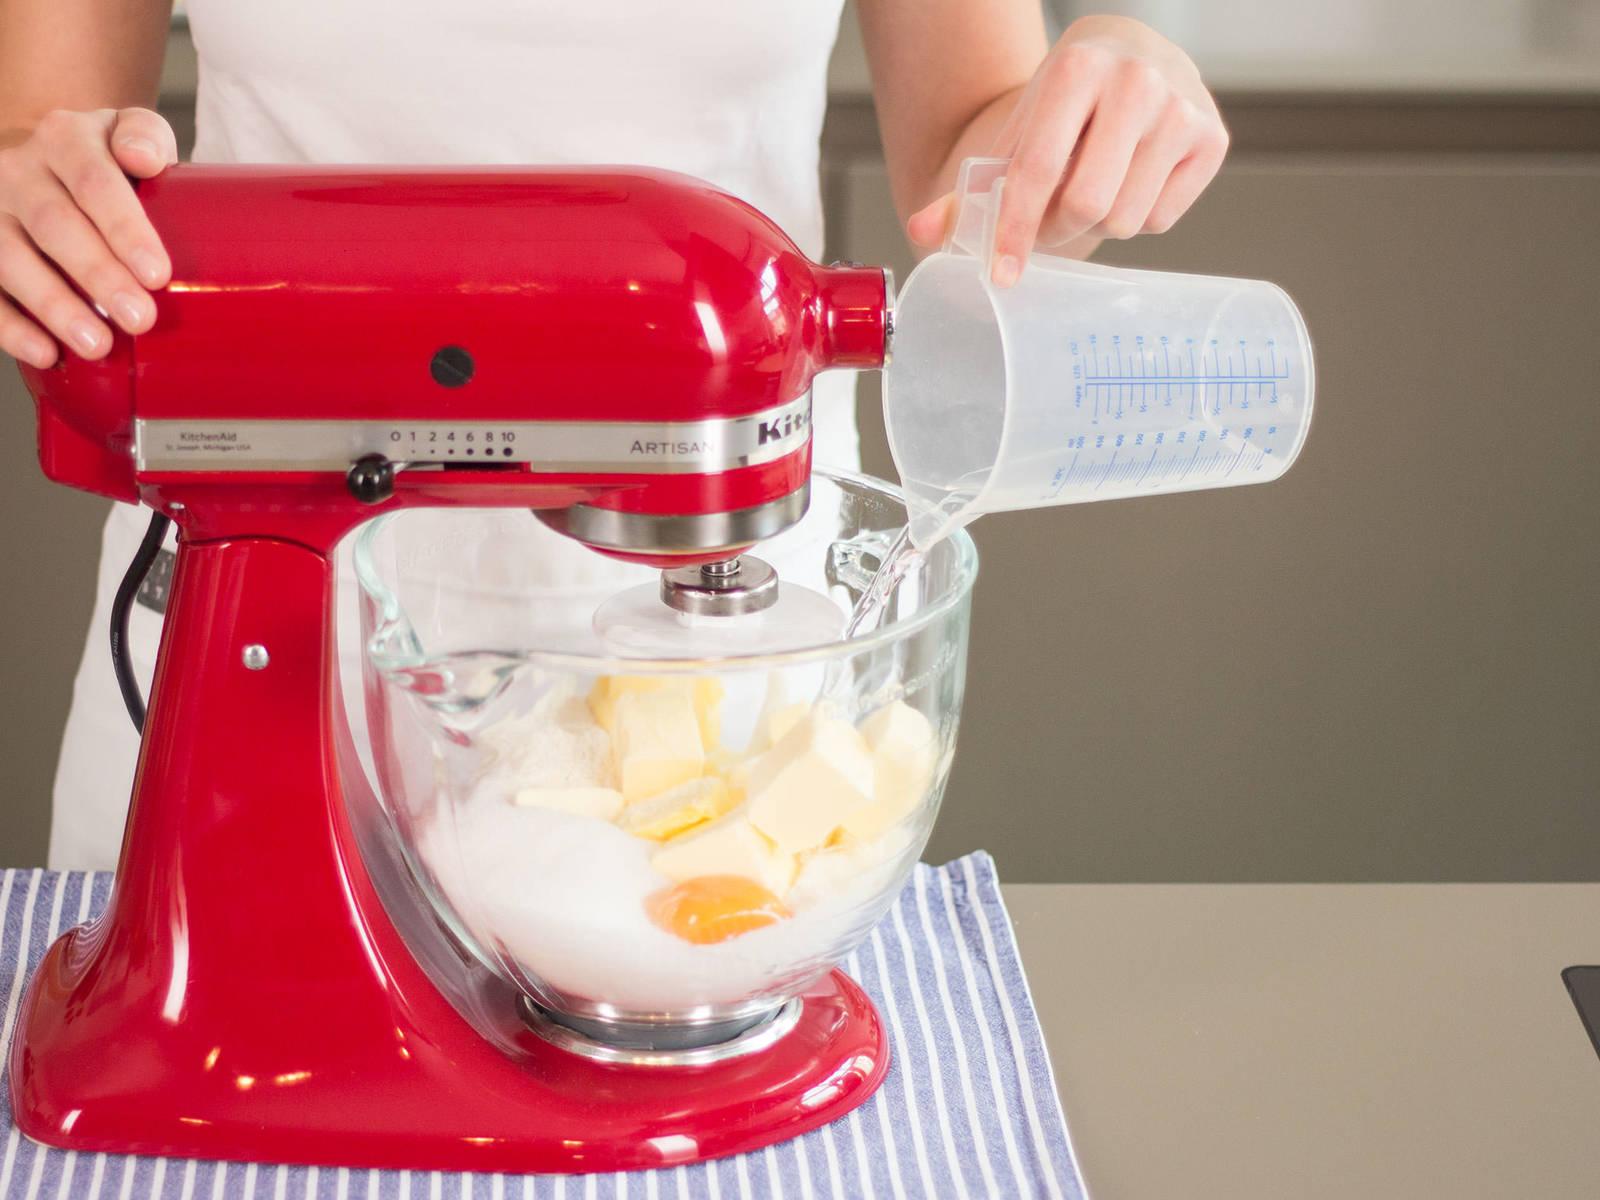 Einen Teil der Butter in große Stücke schneiden und zusammen mit dem Großteil des Mehls, Eigelb, Salz und Zucker in eine Küchenmaschine geben. Ca. 2 – 3 Min. rühren, bis sich ein krümeliger Teig gebildet hat. Anschließend langsam Wasser hinzugeben und weitere 1 – 2 Min. rühren, bis der Teig glatt und ebenmäßig ist. Teig in Frischhaltefolie wickeln und für ca. 1 Std. in den Kühlschrank geben.